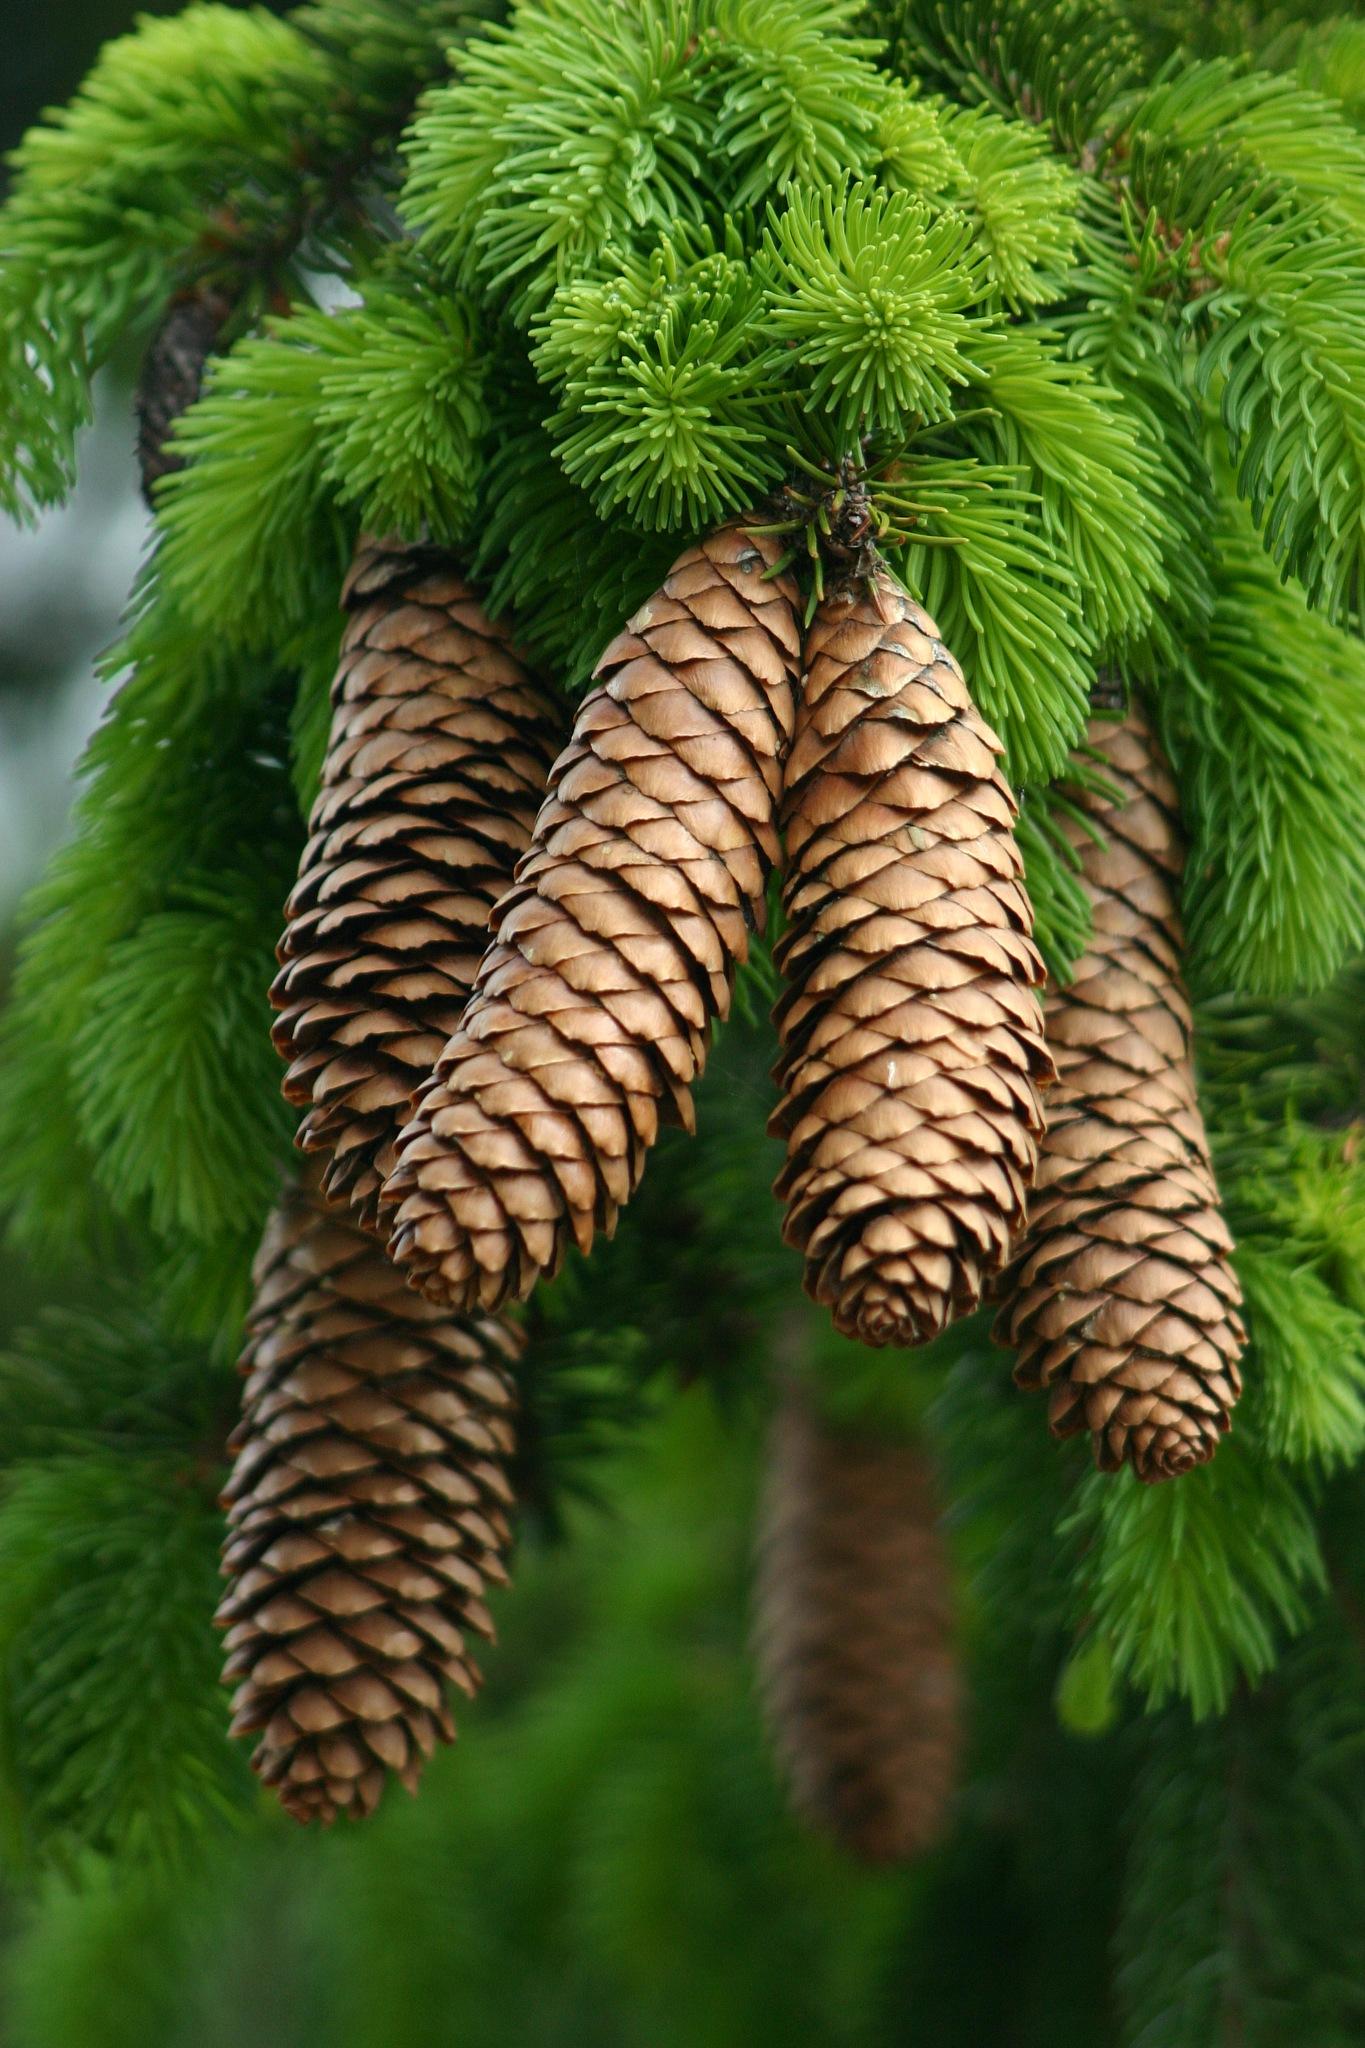 Cones by Bobjb